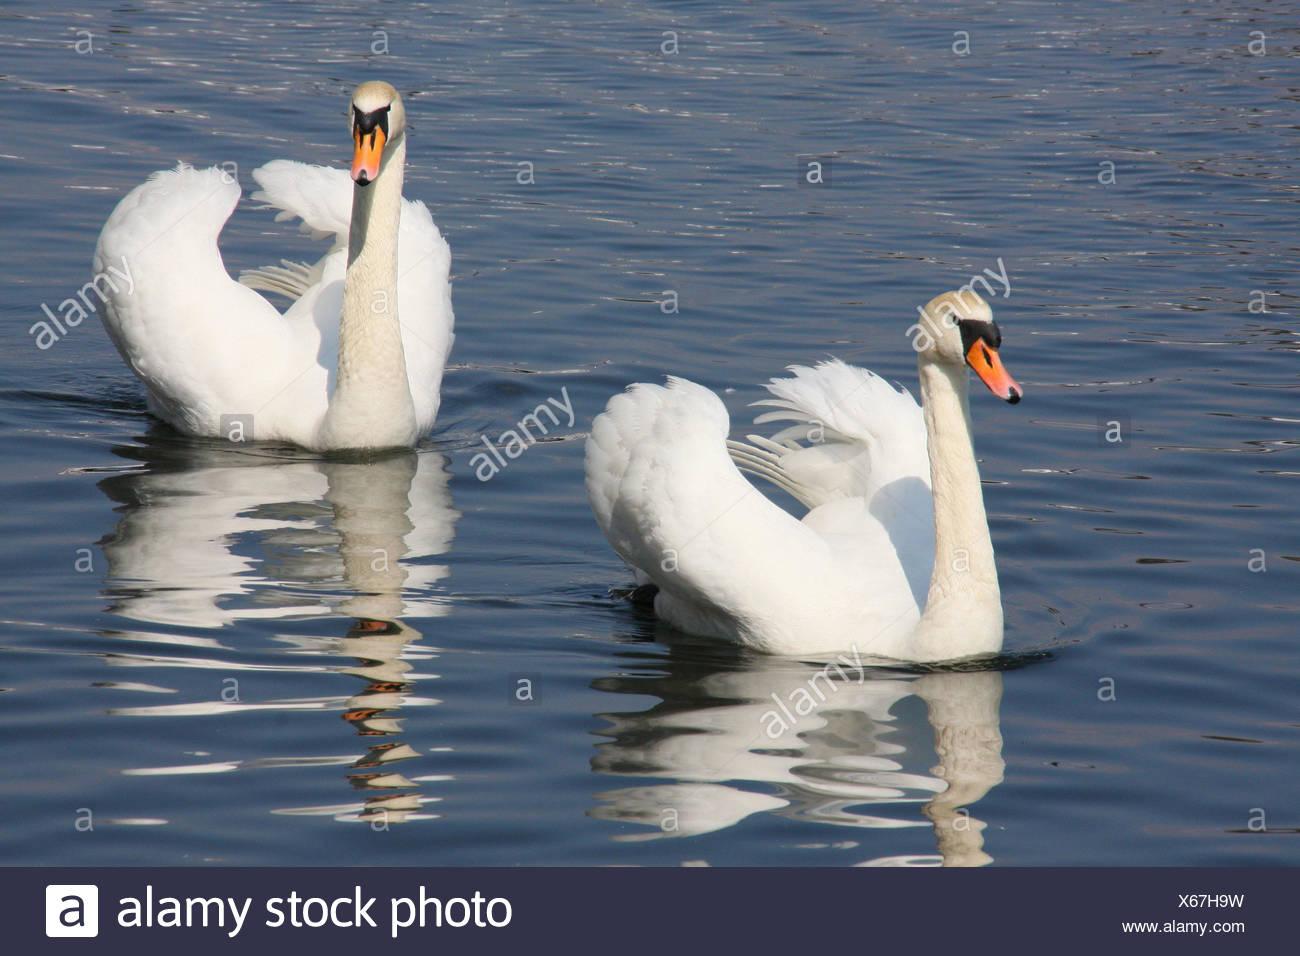 Lac, cygnes, des couples, d'animaux, oiseaux, cygnes, bosse deux, nager, en couple, en paires, la Pologne, la nature, Photo Stock